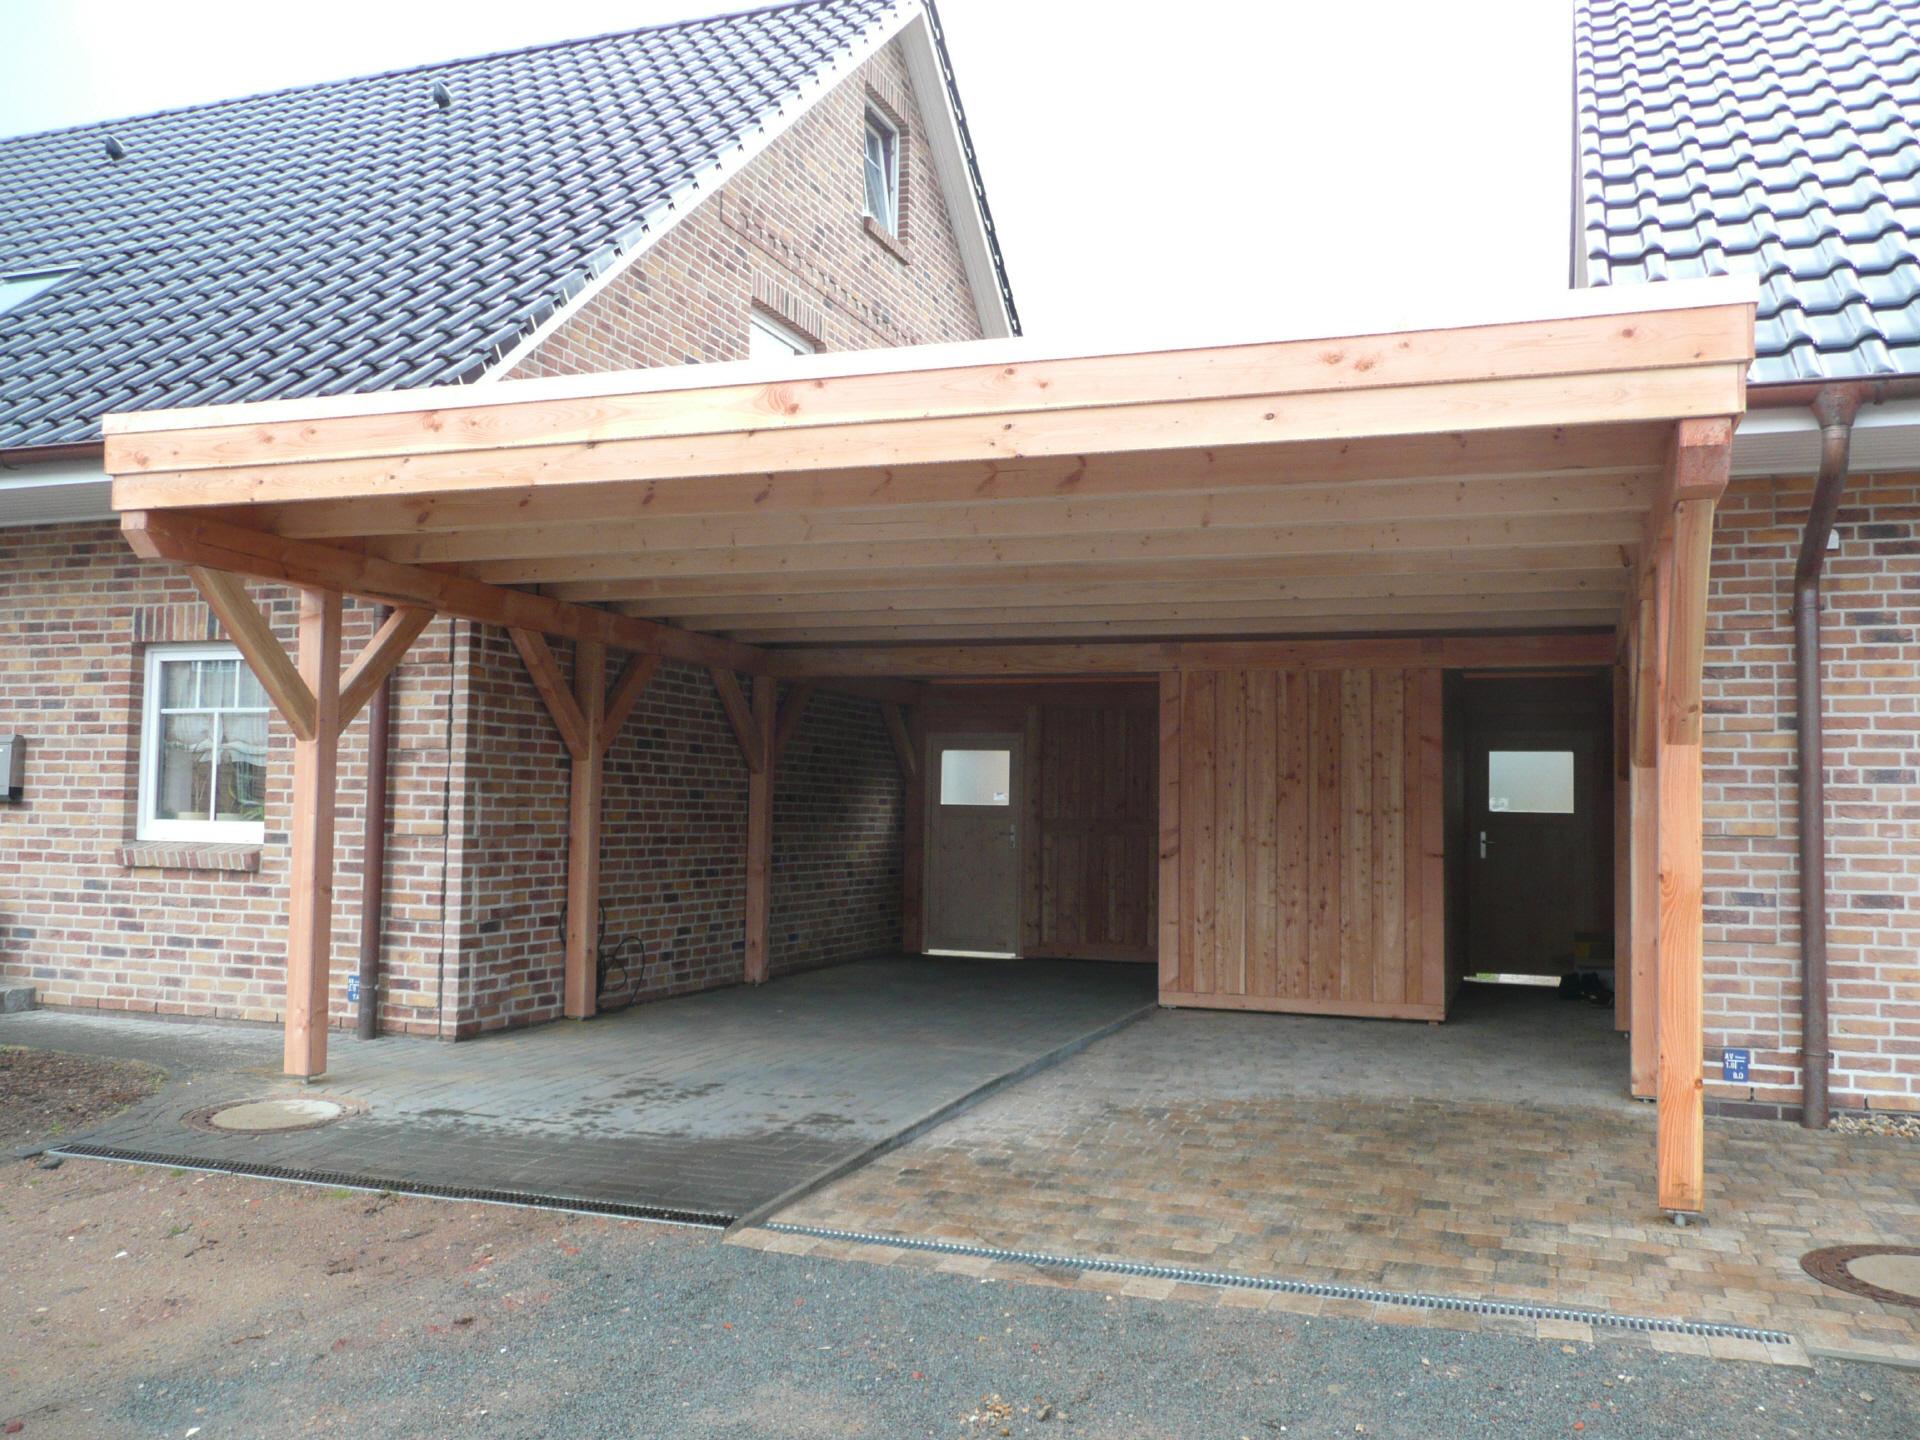 Carport als Unterstellplatz oder Überdachung - inklusive Abstellflächen für Fahrräder und Gartengeräte